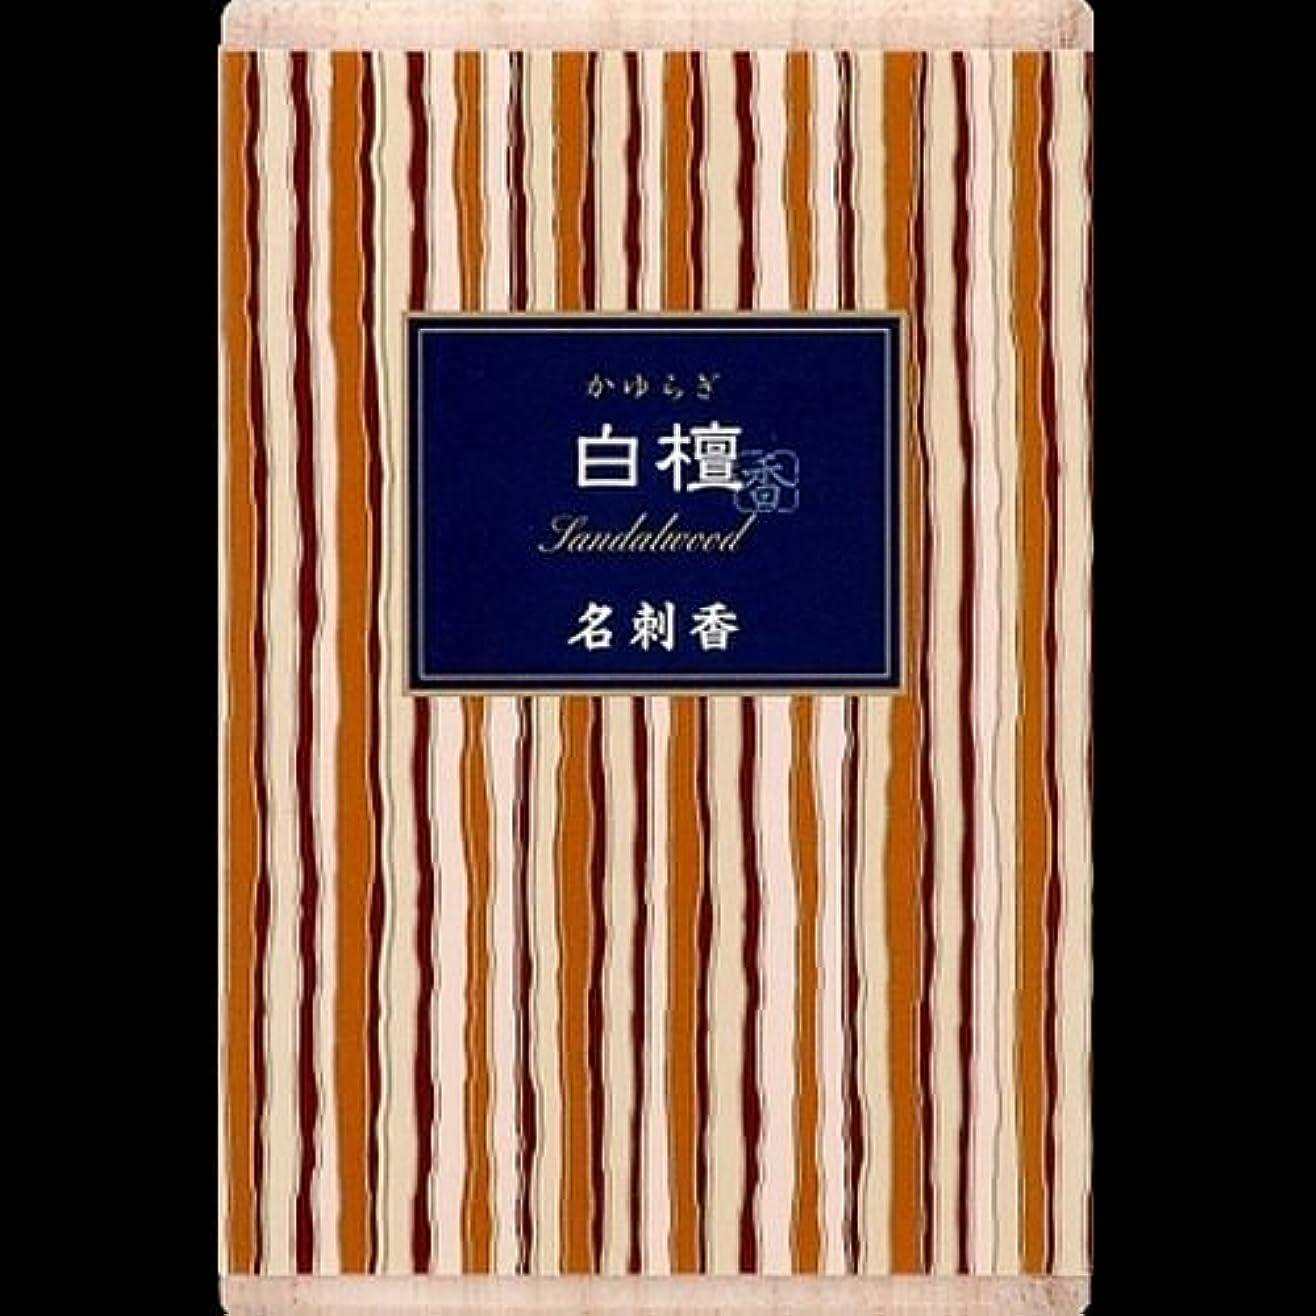 持つ通行人受信【まとめ買い】かゆらぎ 白檀 名刺香 桐箱 6入 ×2セット